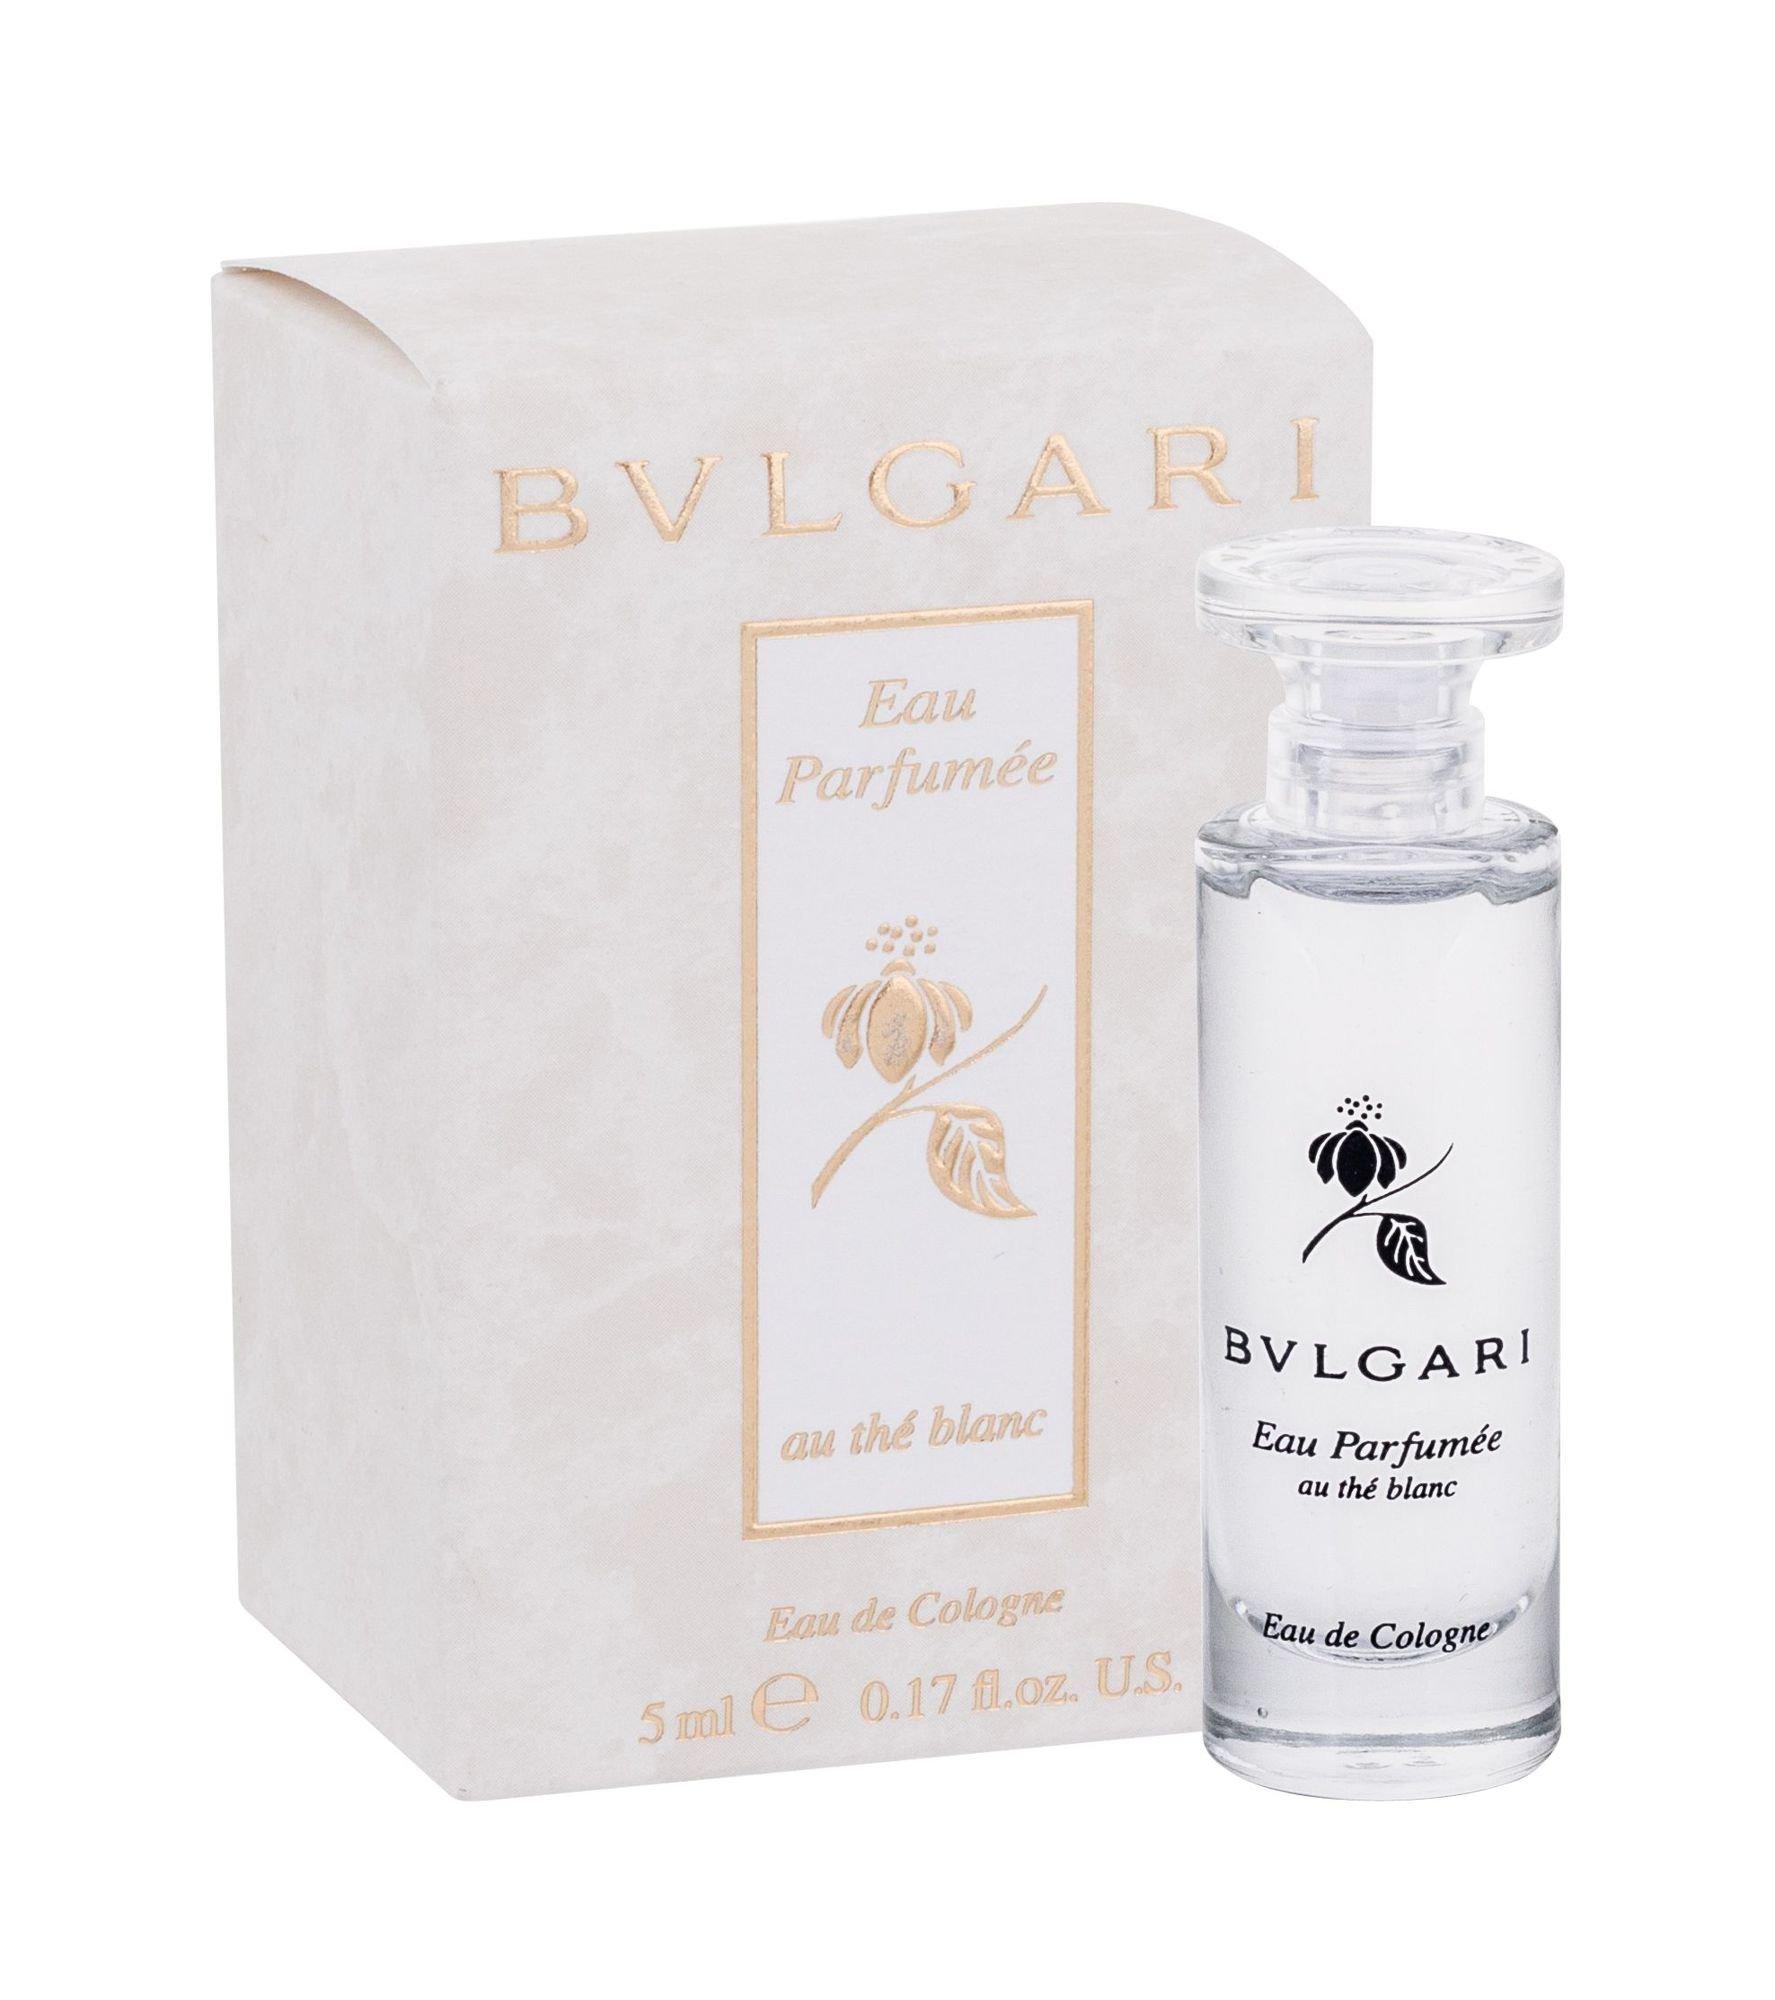 Bvlgari Eau Parfumée au Thé Blanc, Kolínska voda 5ml